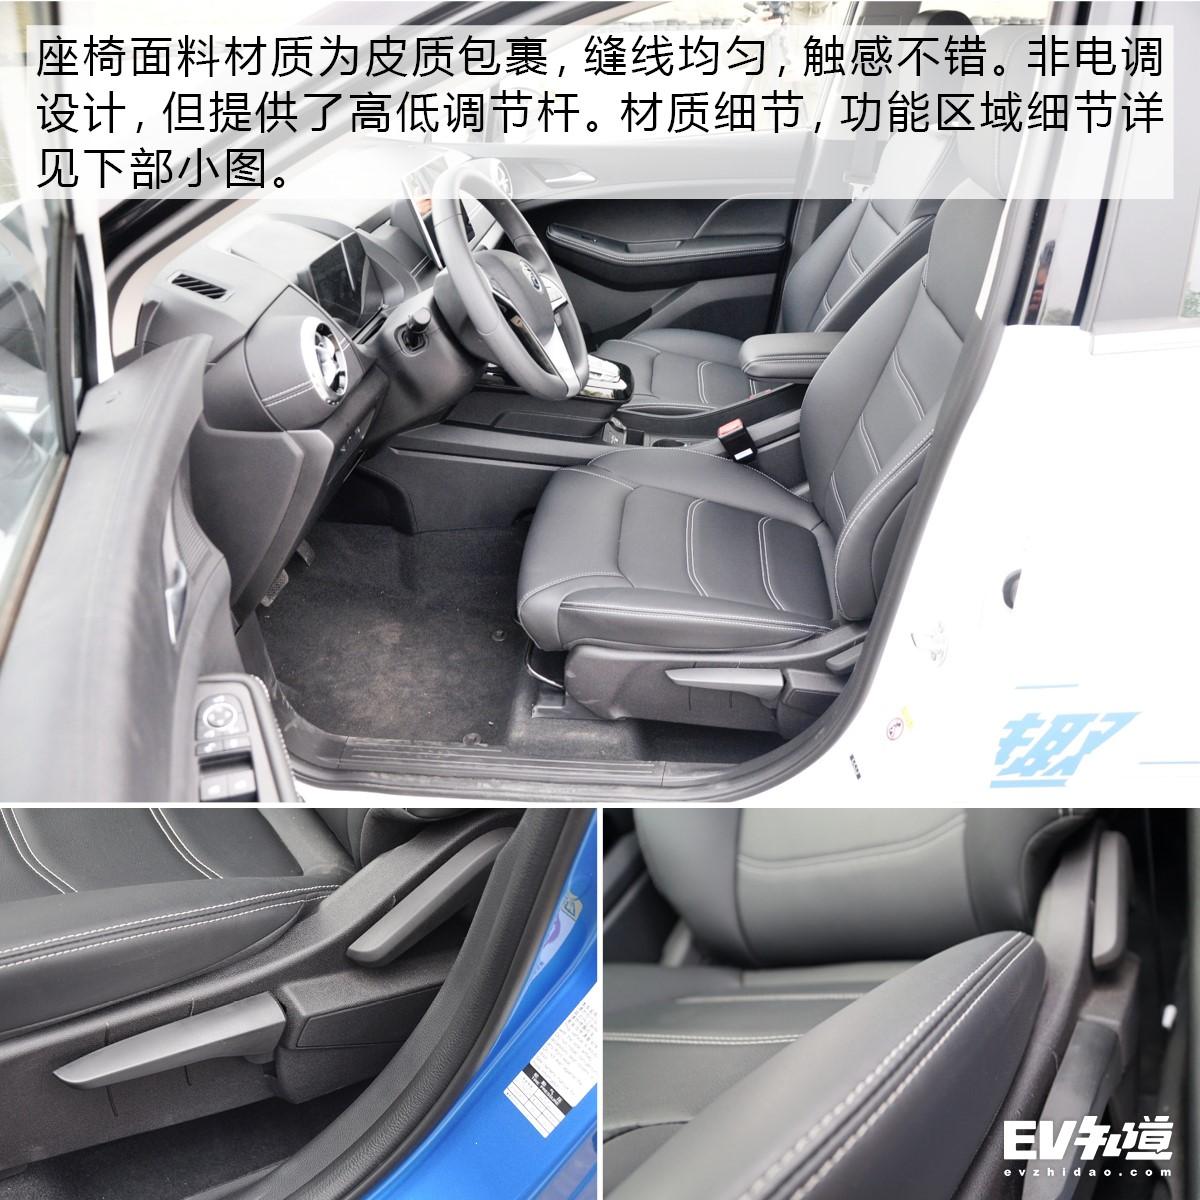 15万元左右/续航400km+ 三款纯电动小型SUV推荐